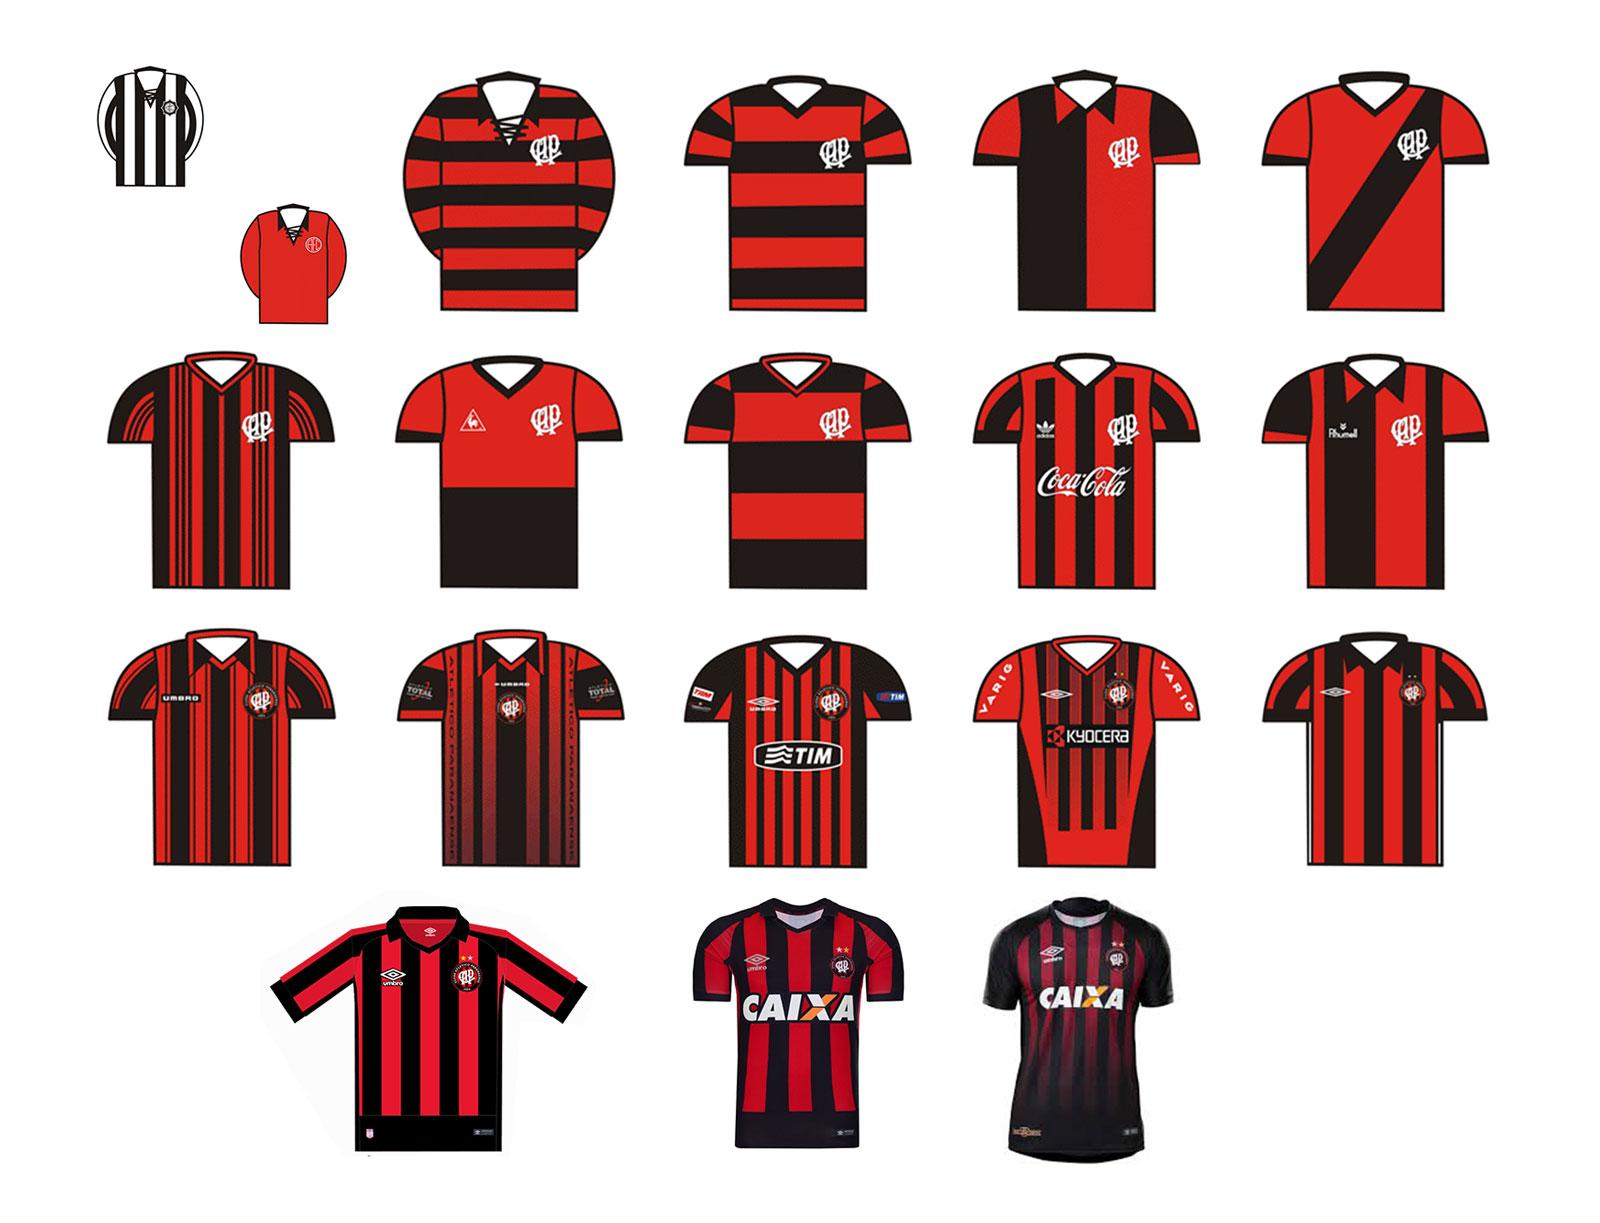 histórico de camisas oficiais do Club Athletico Paranaense - 1924-2018